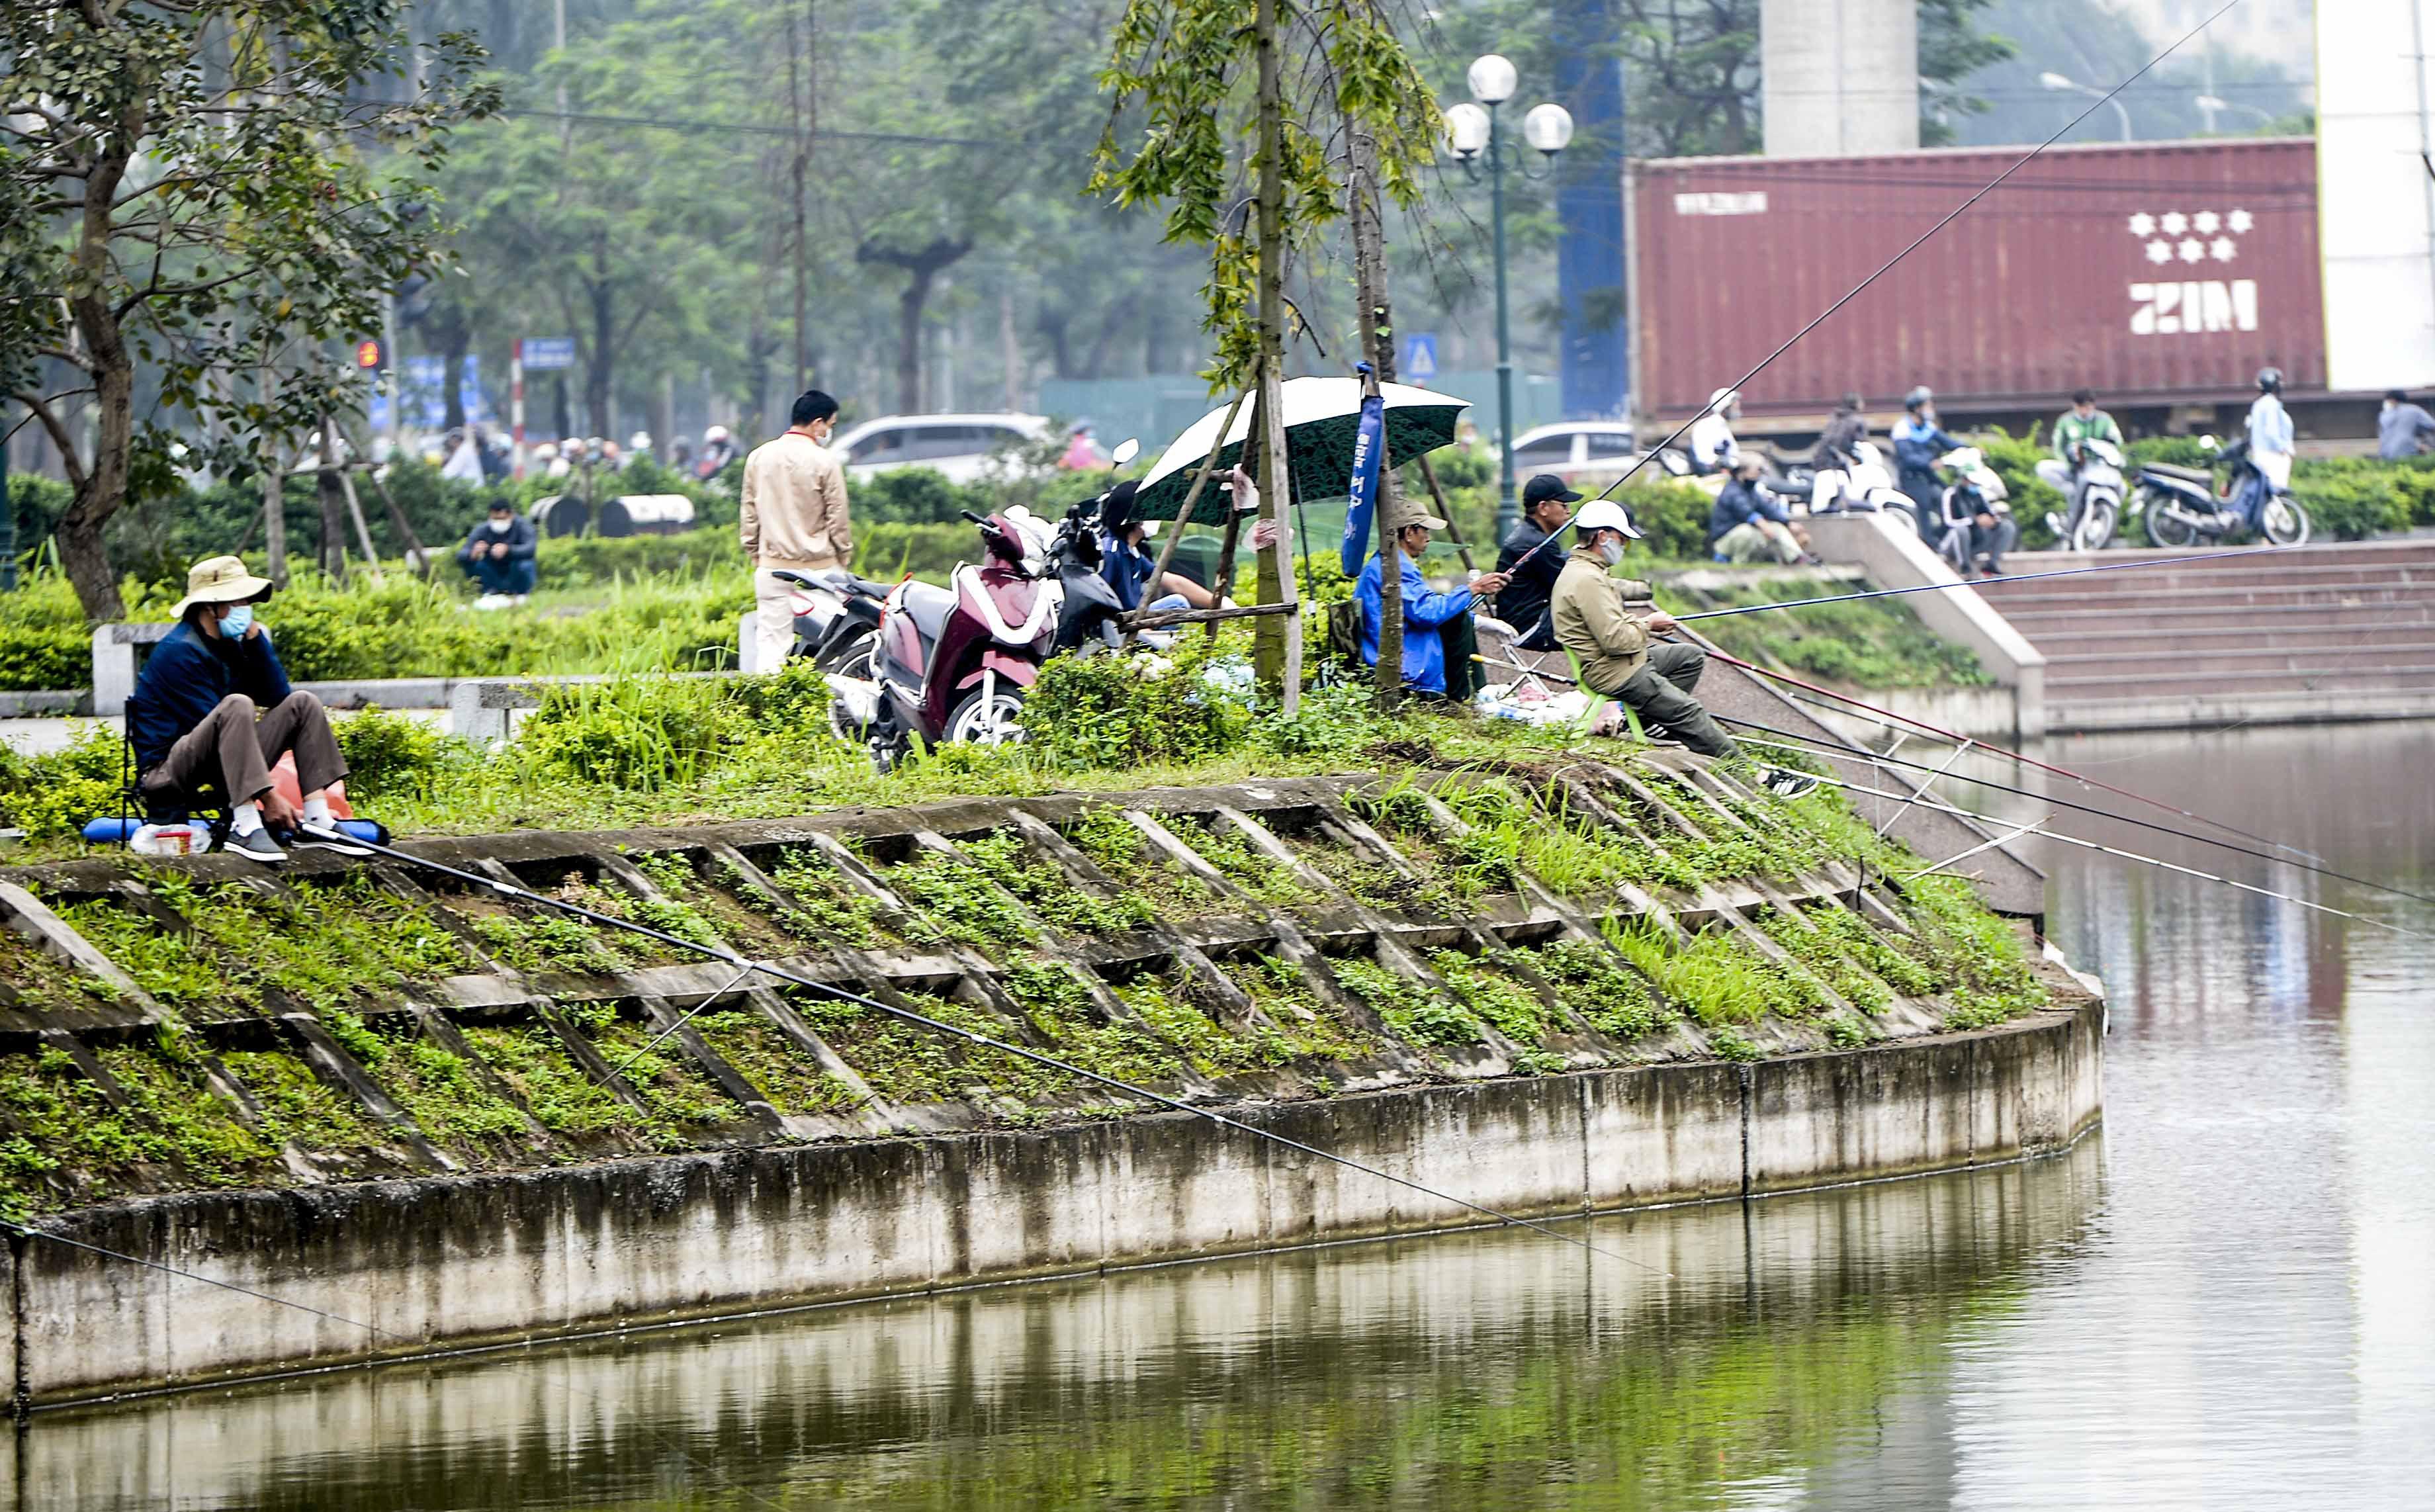 Hàng chục người thả cần câu cá ở Hà Nội trong ngày thứ 2 thực hiện cách ly toàn xã hội